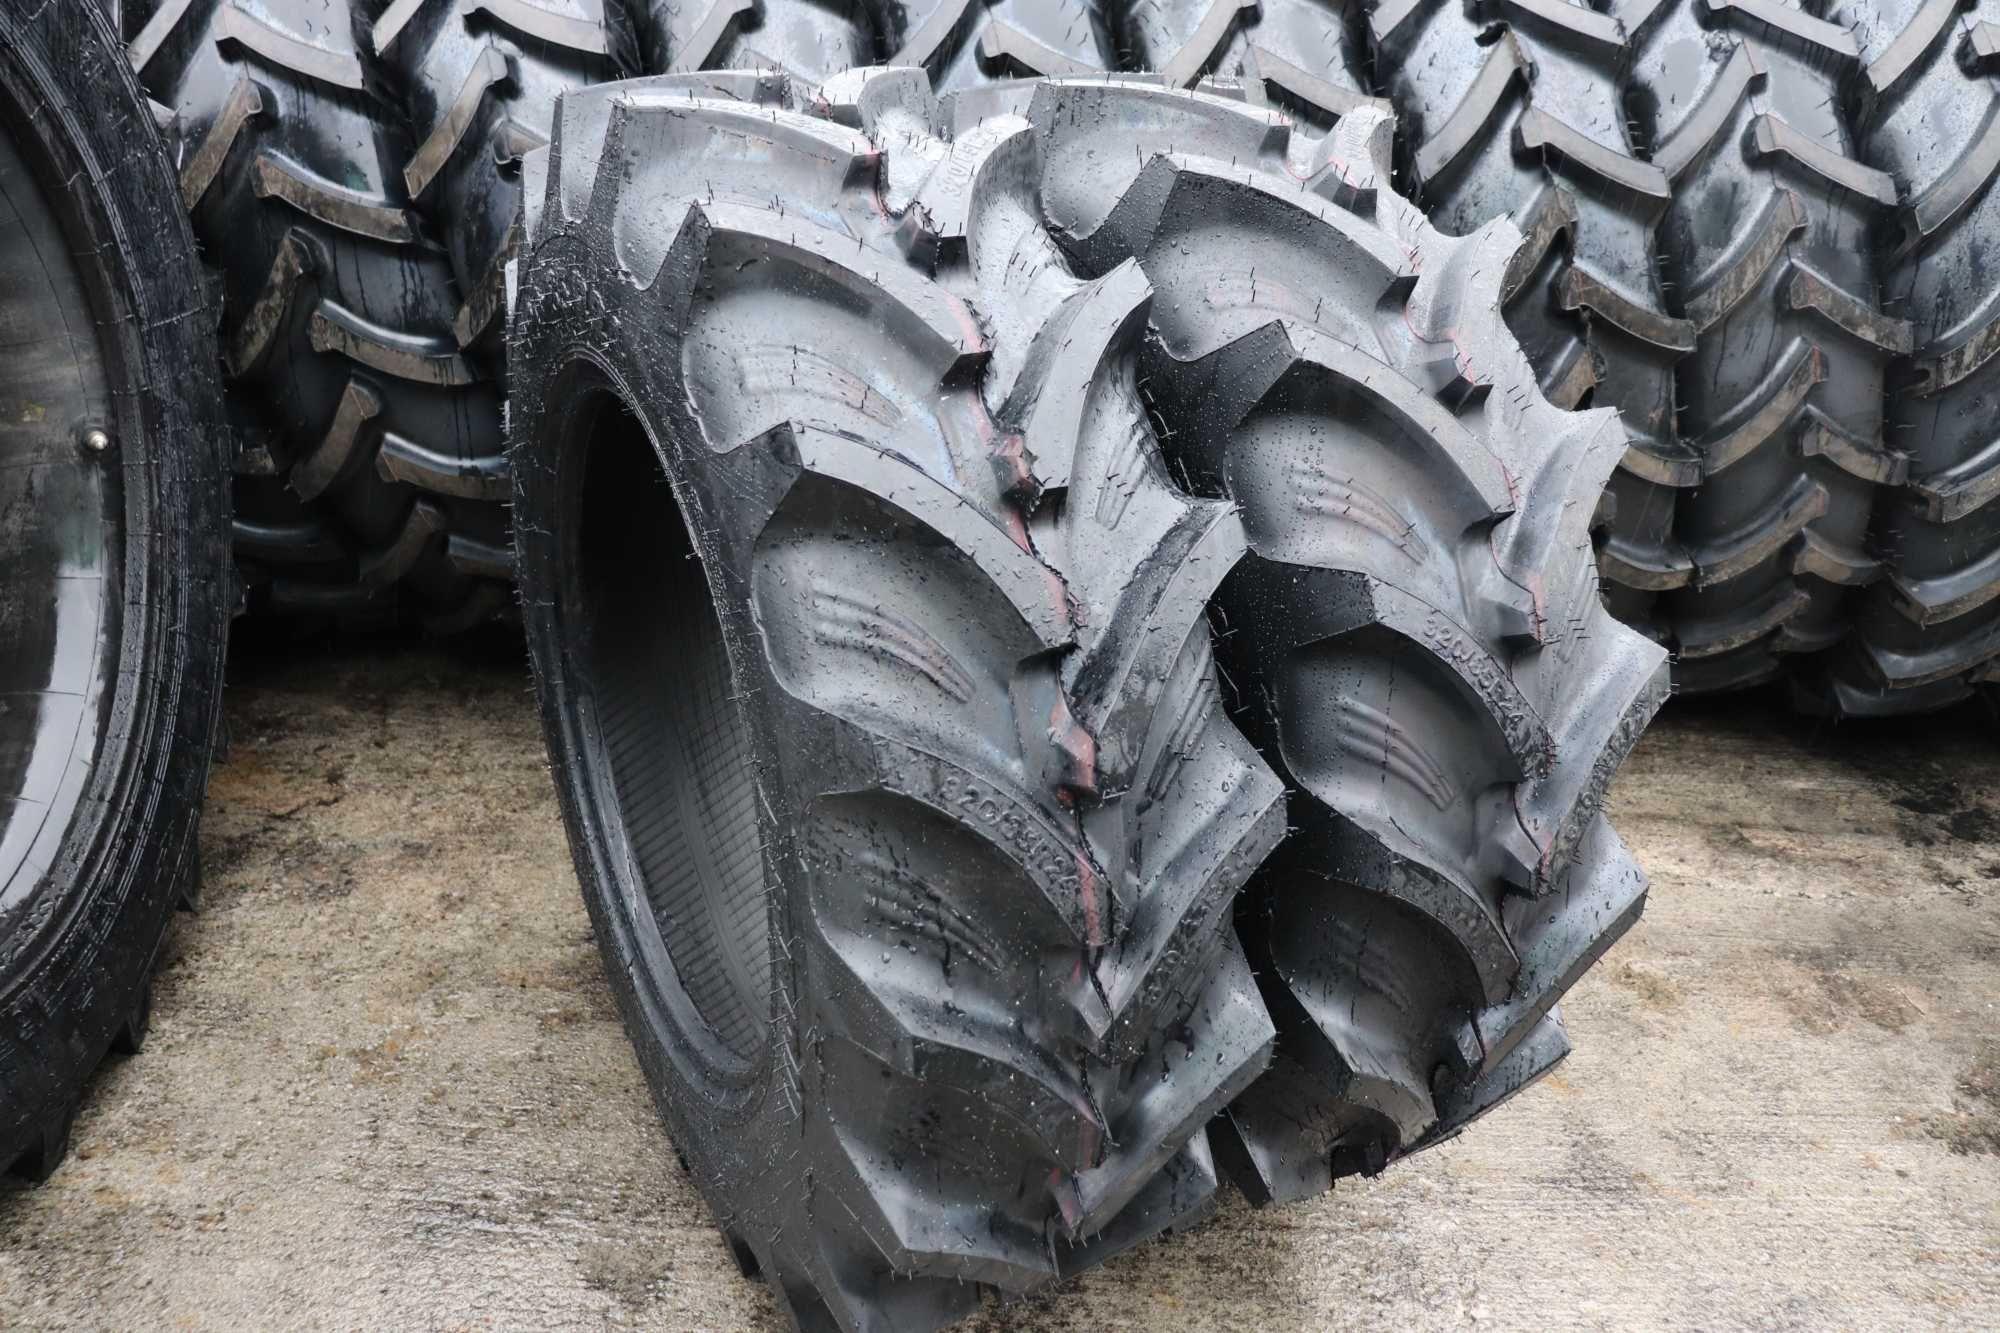 cauciucuri noi radiale 12.4R24 OZKA anvelope tractor fata 320/85 R24